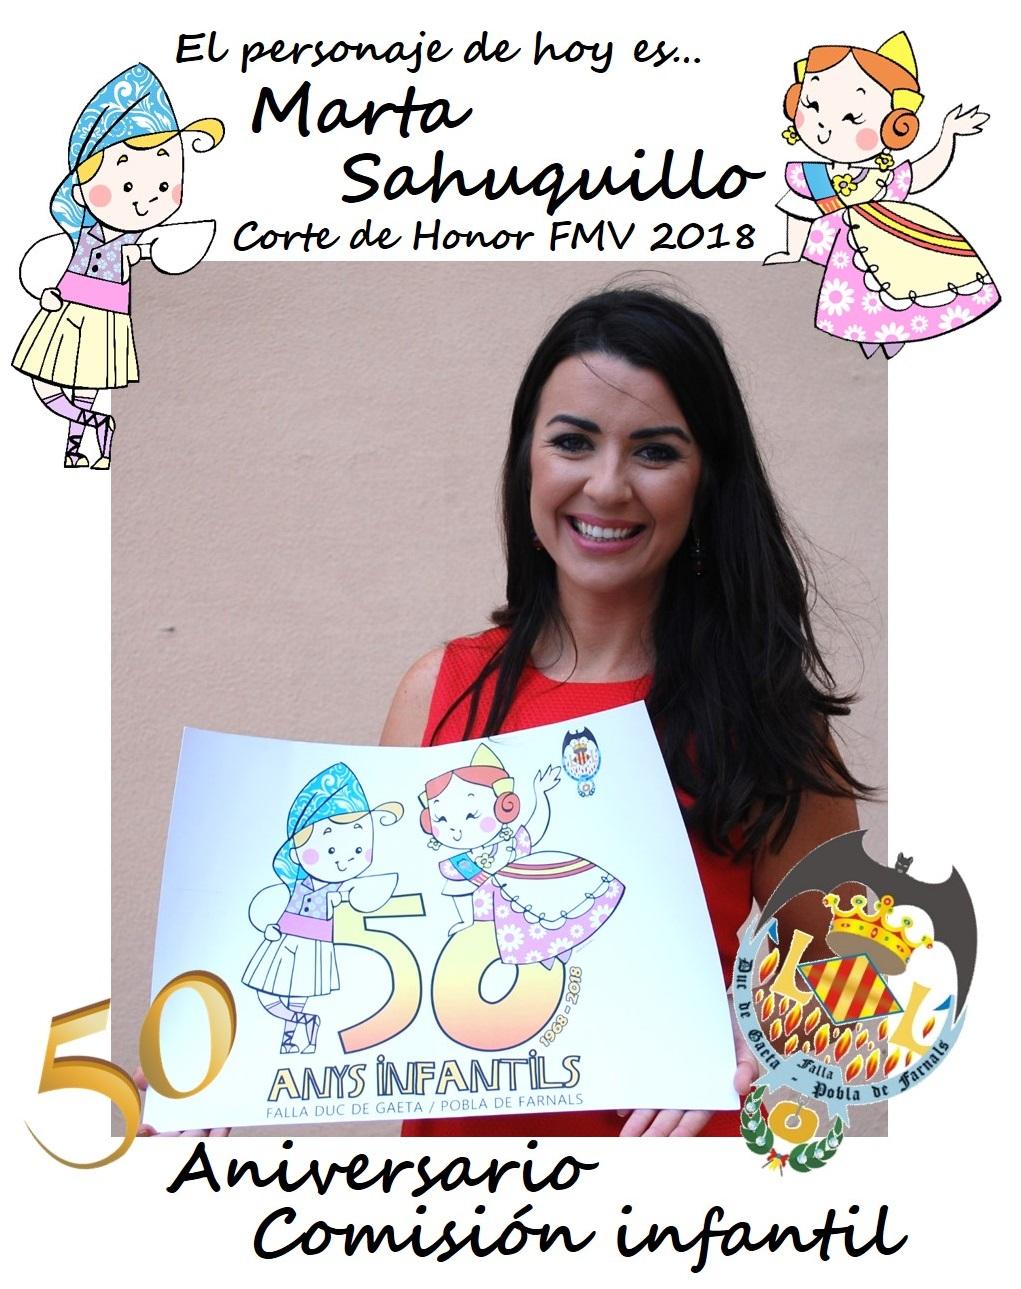 Personaje del día: Marta Sahuquillo